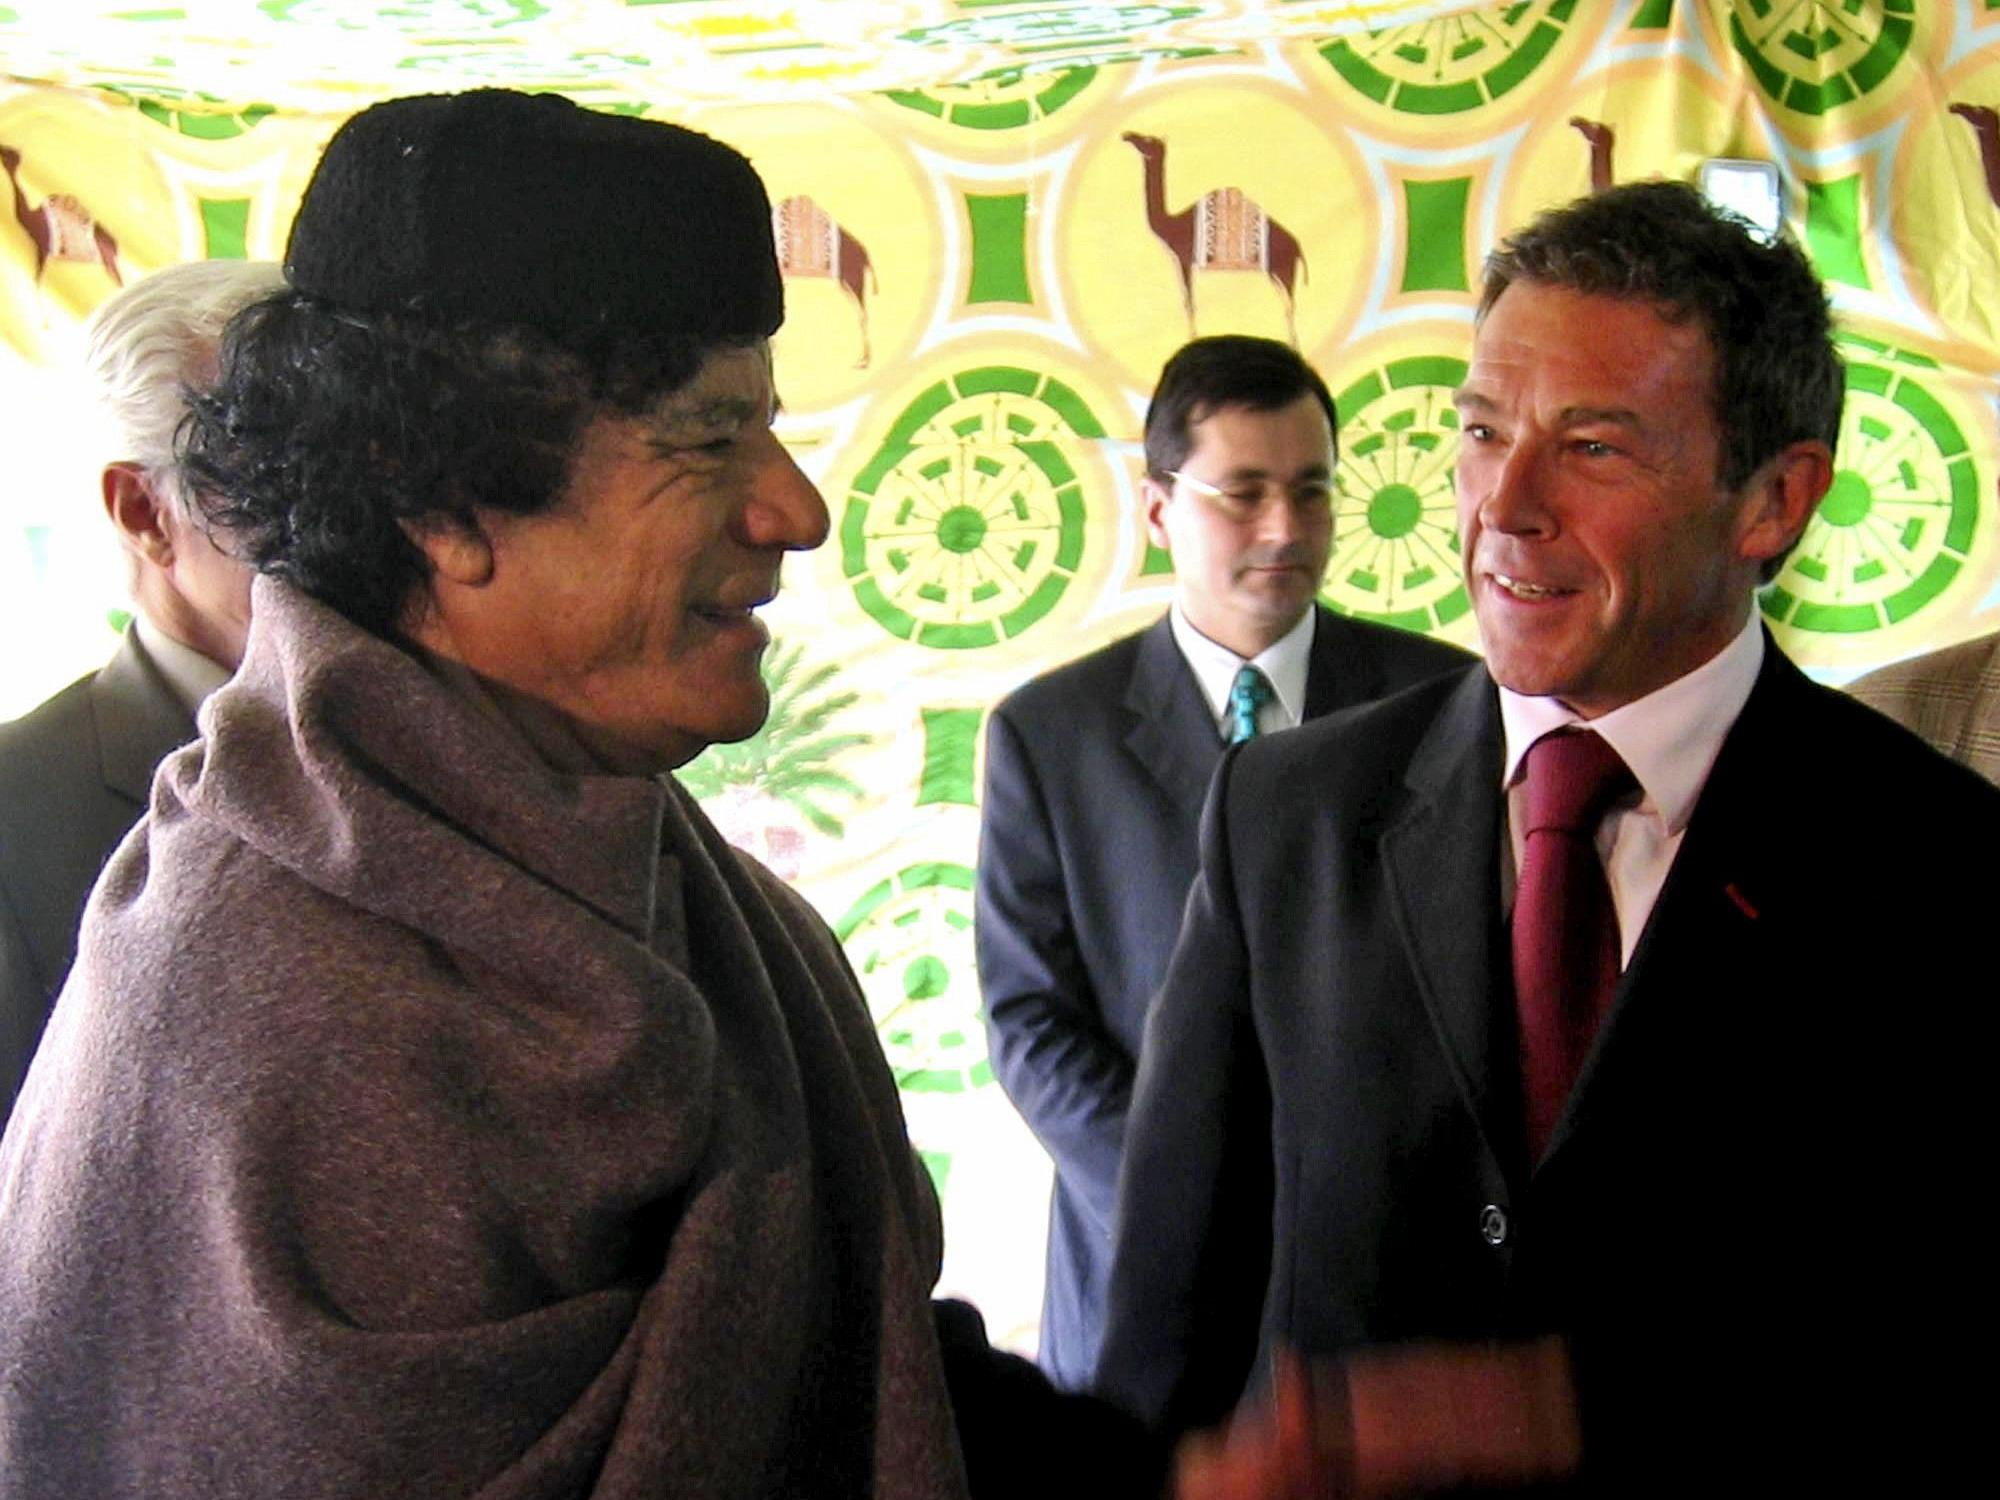 Immer wieder wollte Haider in der Weltpolitik mitmischen. Einen besonderen Hang hatte er dabei zu Diktatoren.